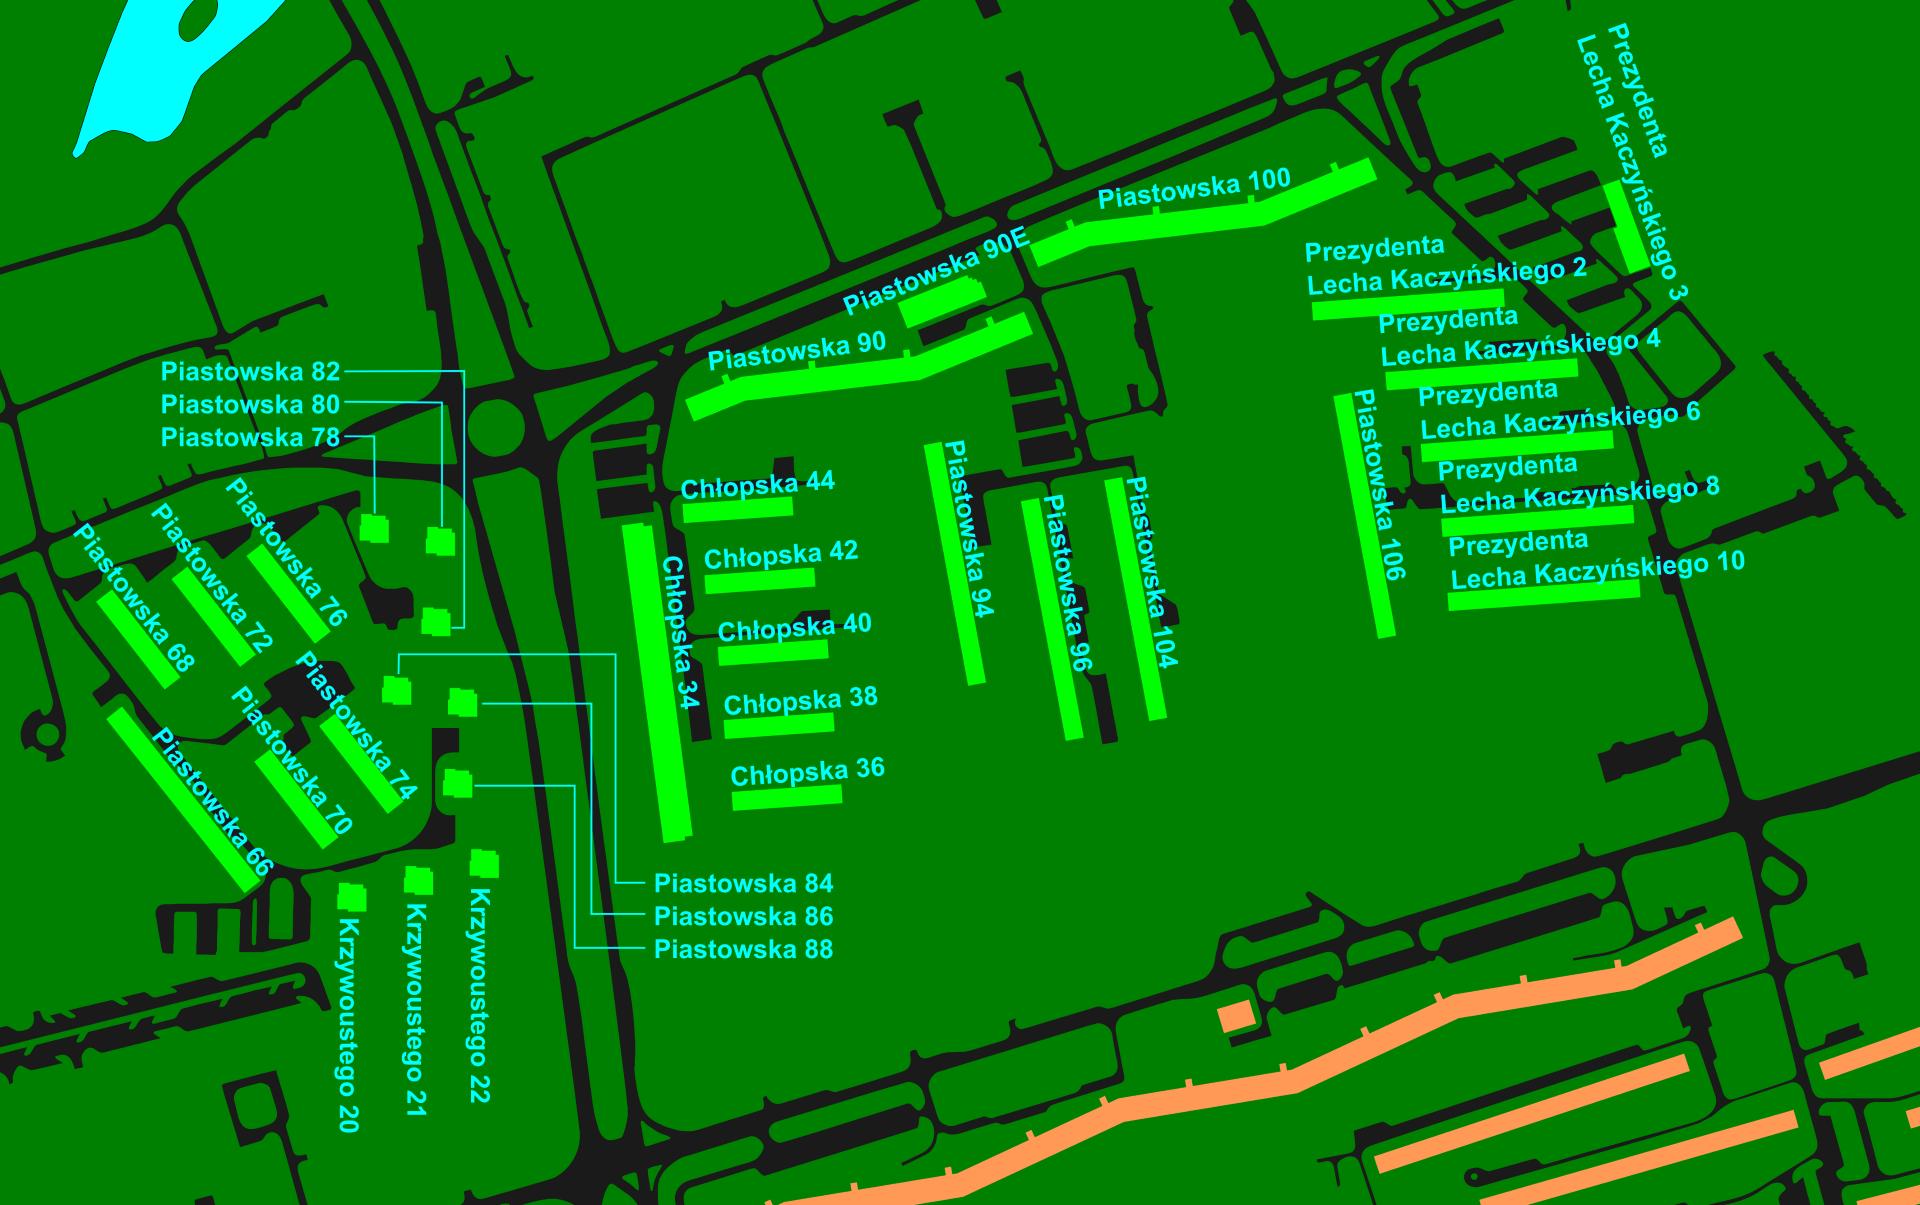 Mapa zasobów